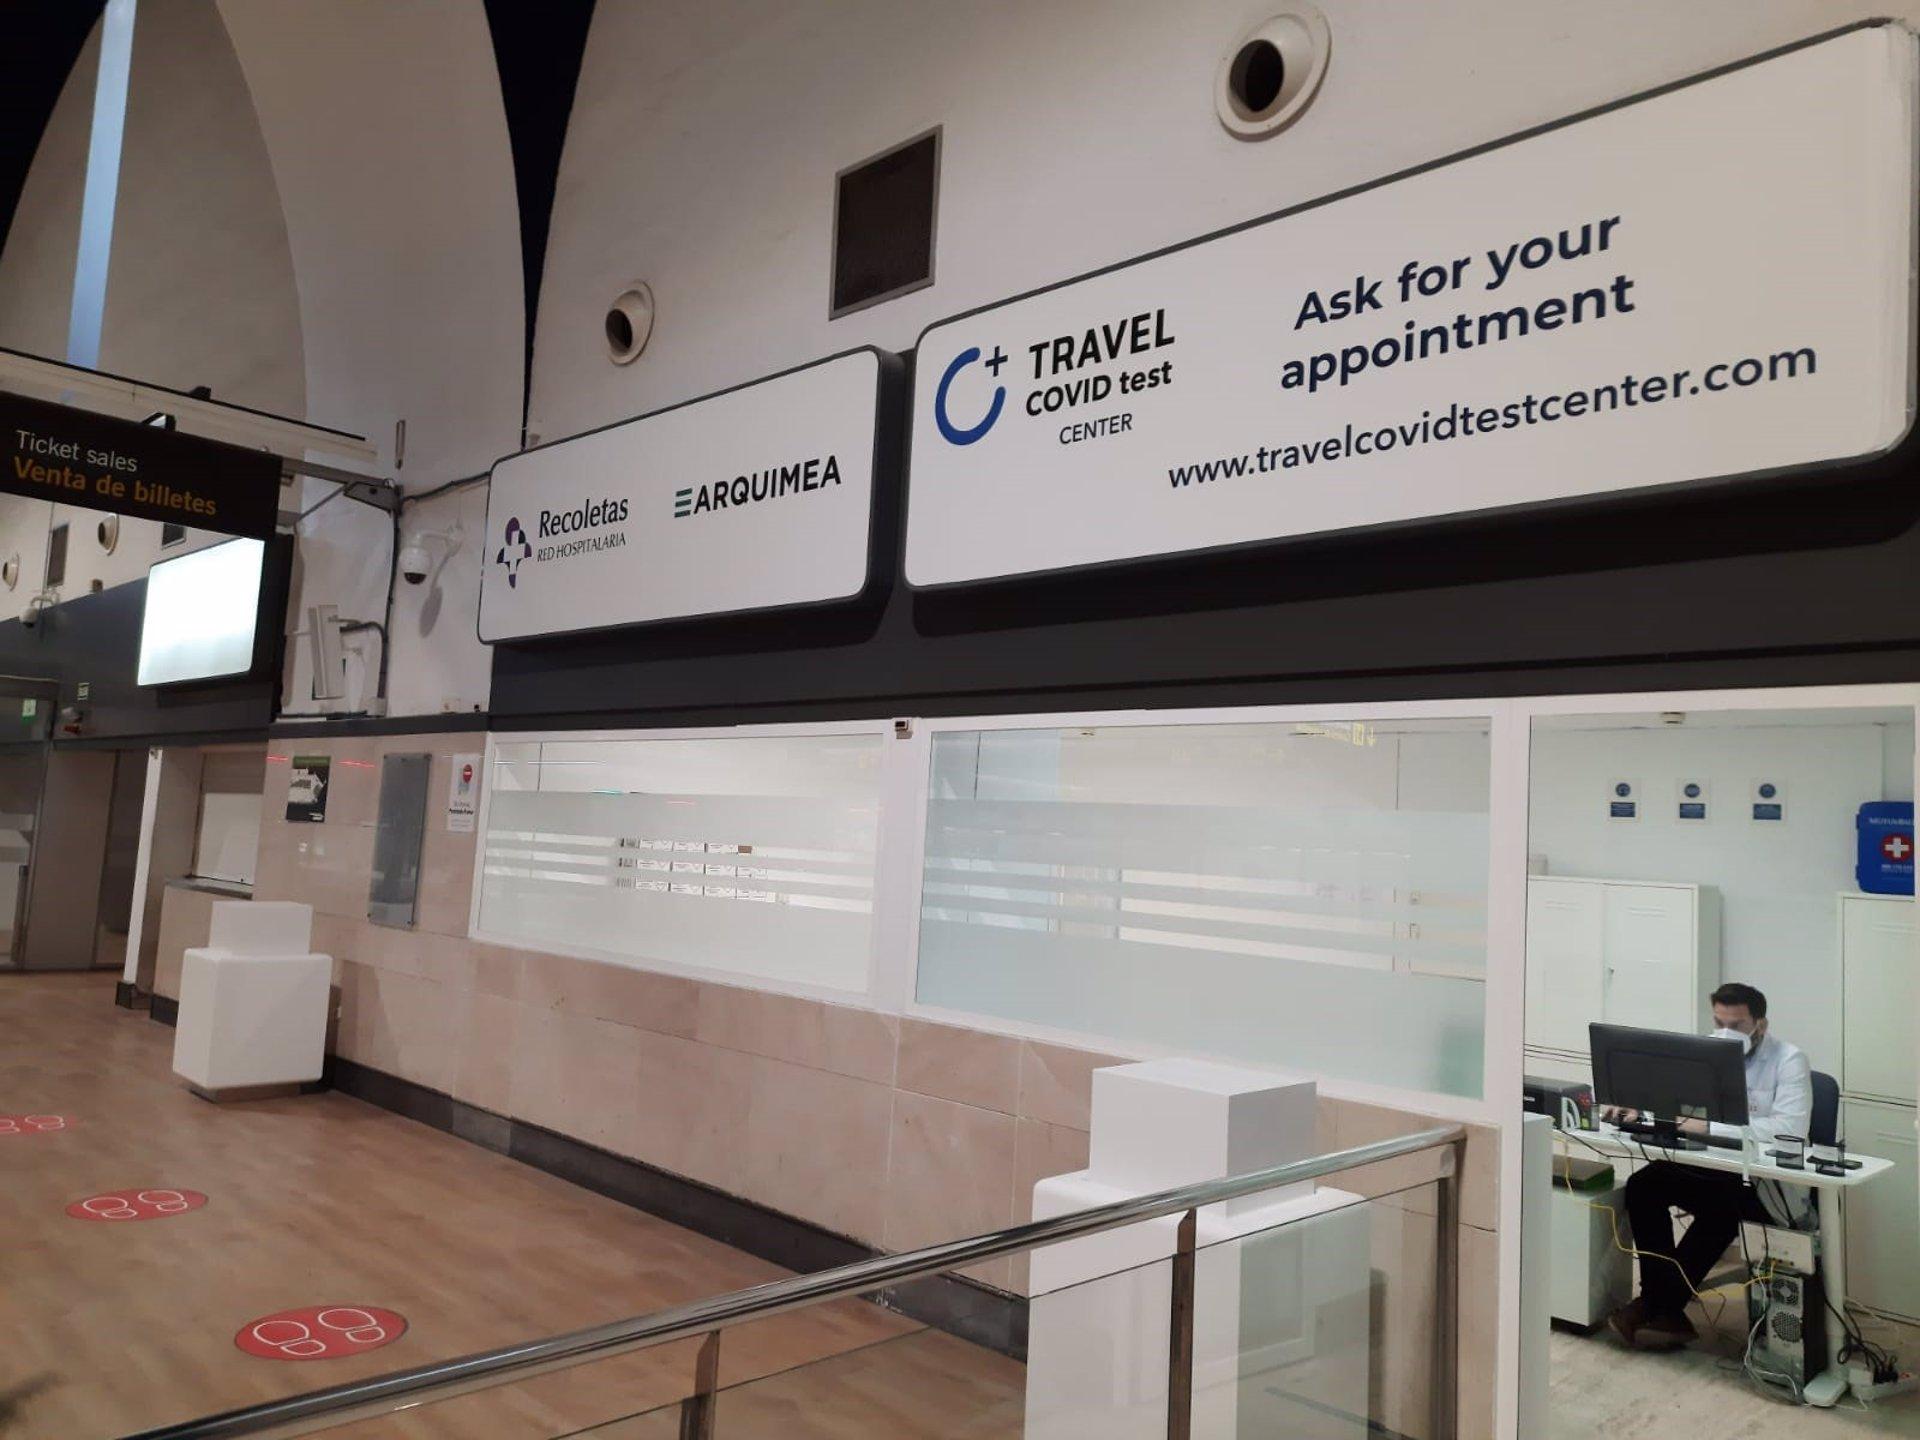 Los aeropuertos de Málaga y Sevilla contarán con un servicio de test Covid en sus propias terminales de salida